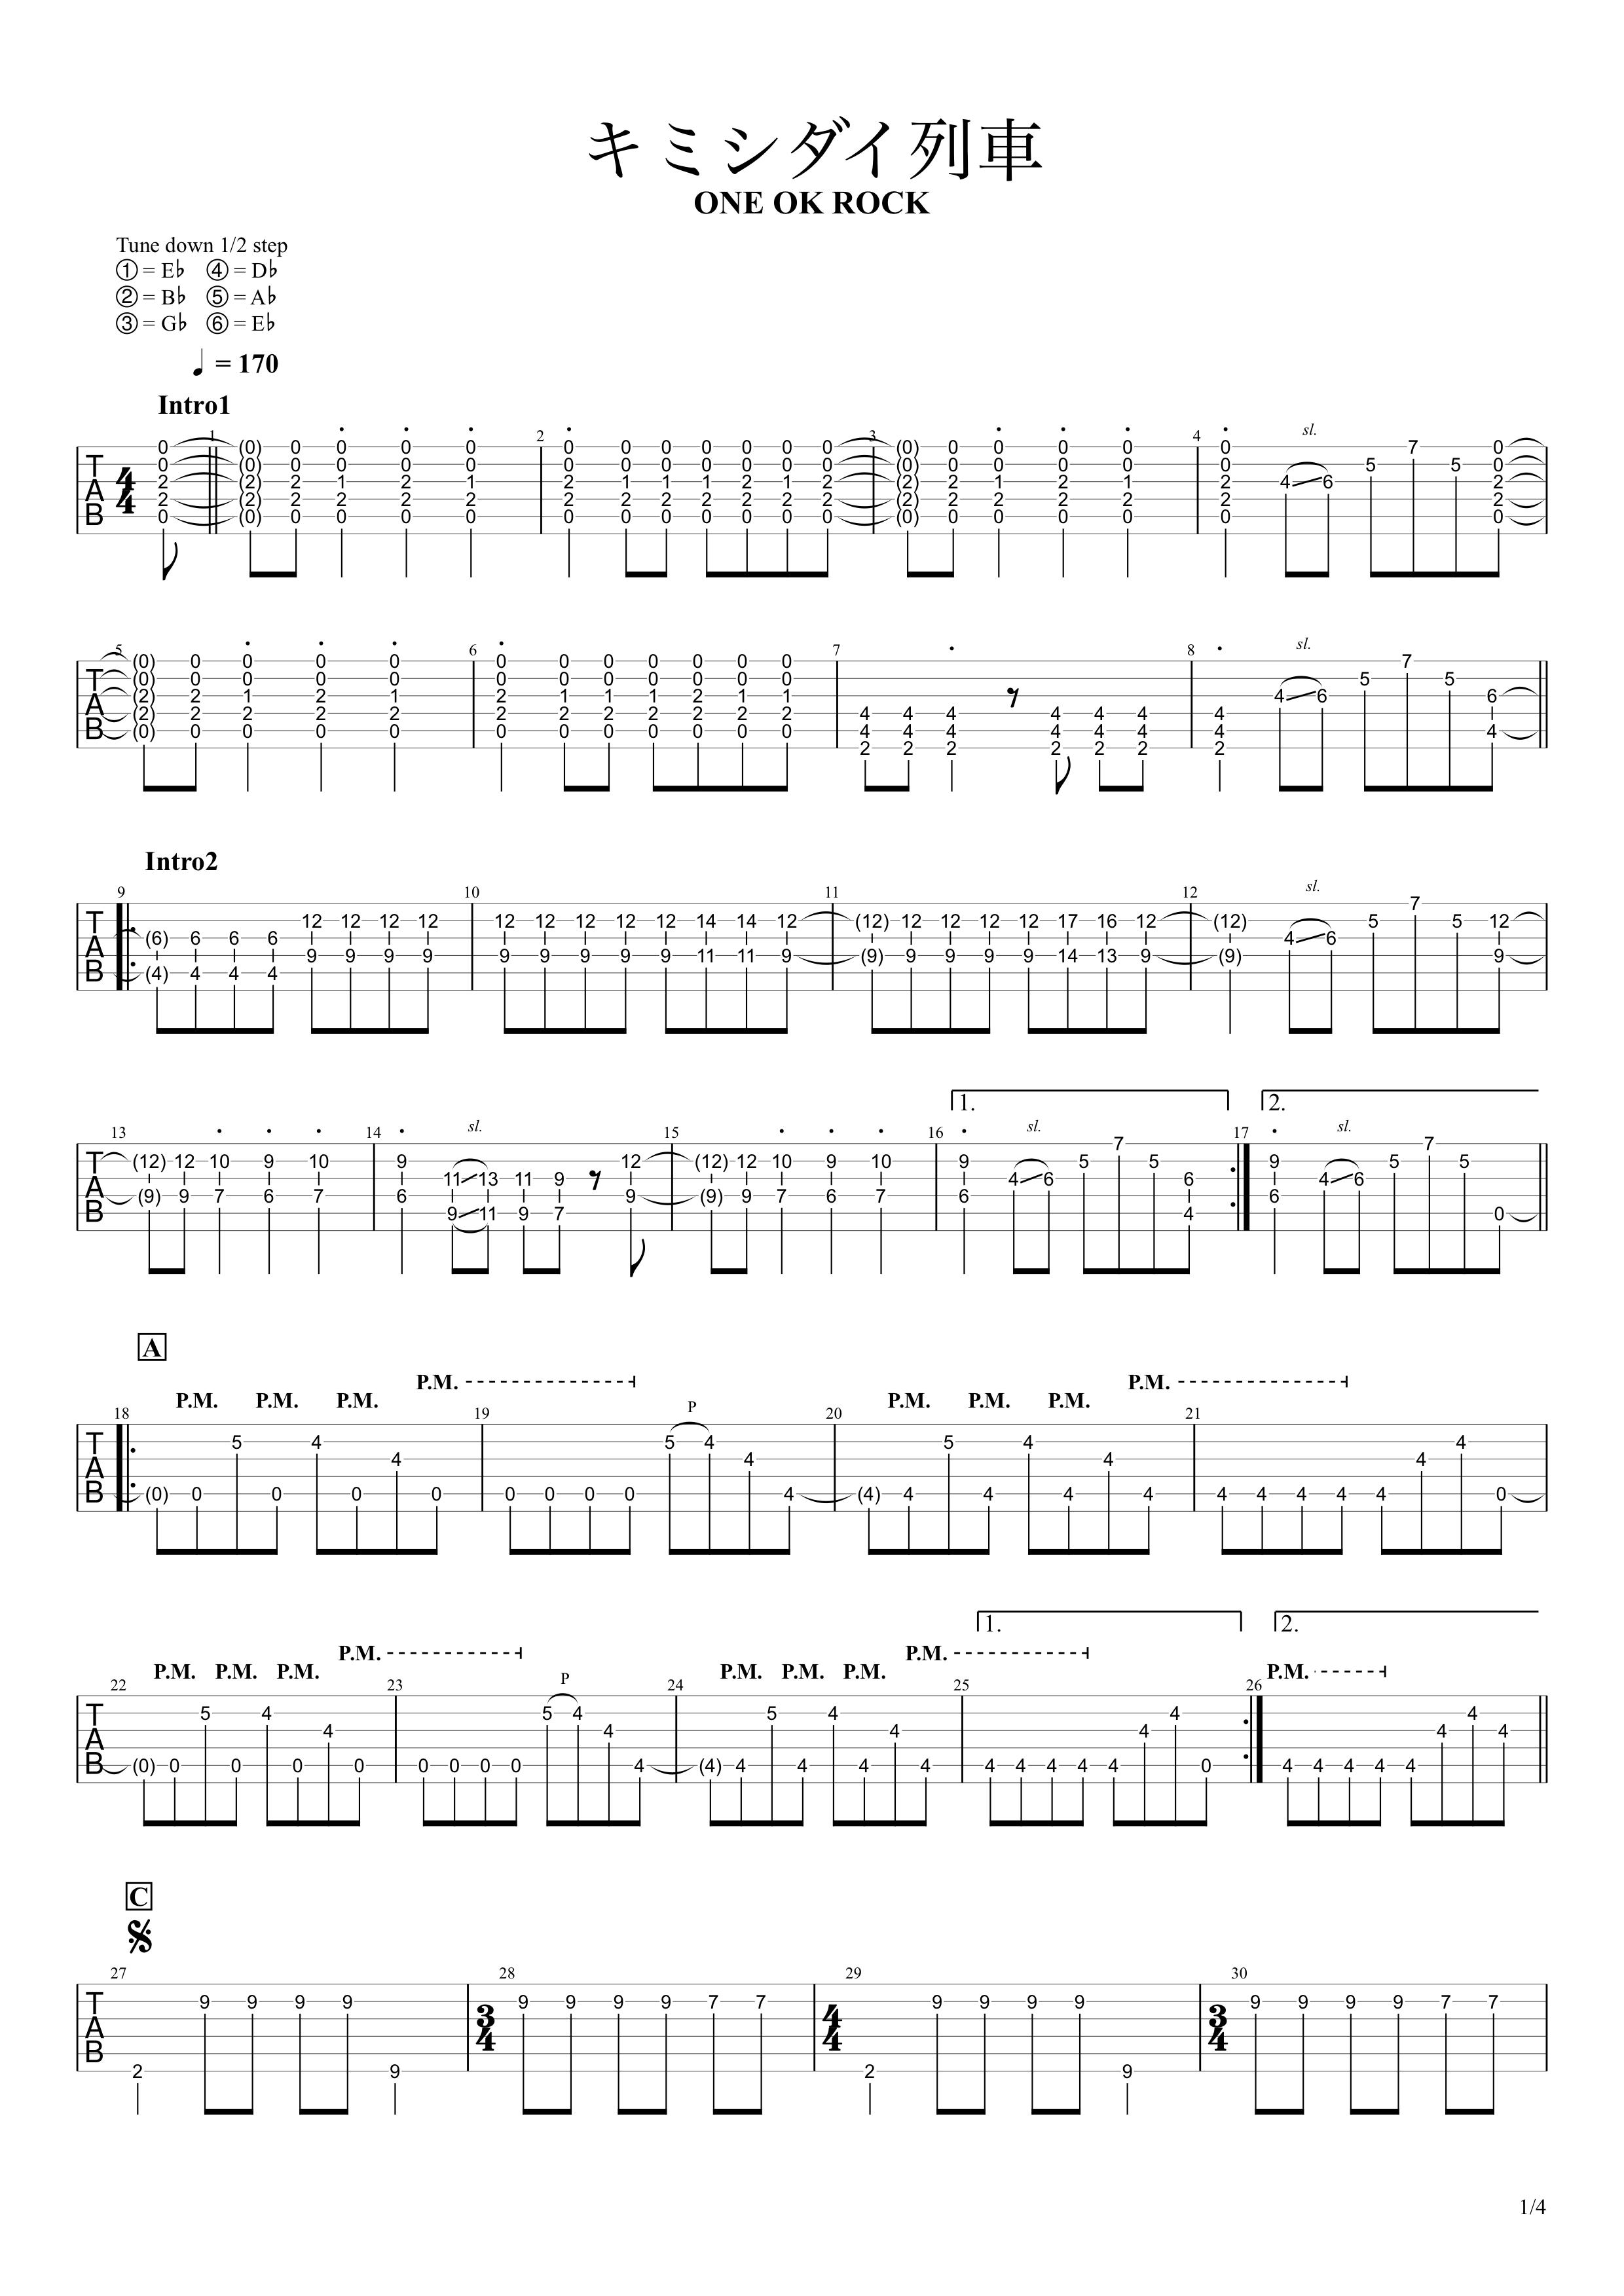 キミシダイ列車/ONE OK ROCK ギタータブ譜 リードギターほぼ完コピVer.01